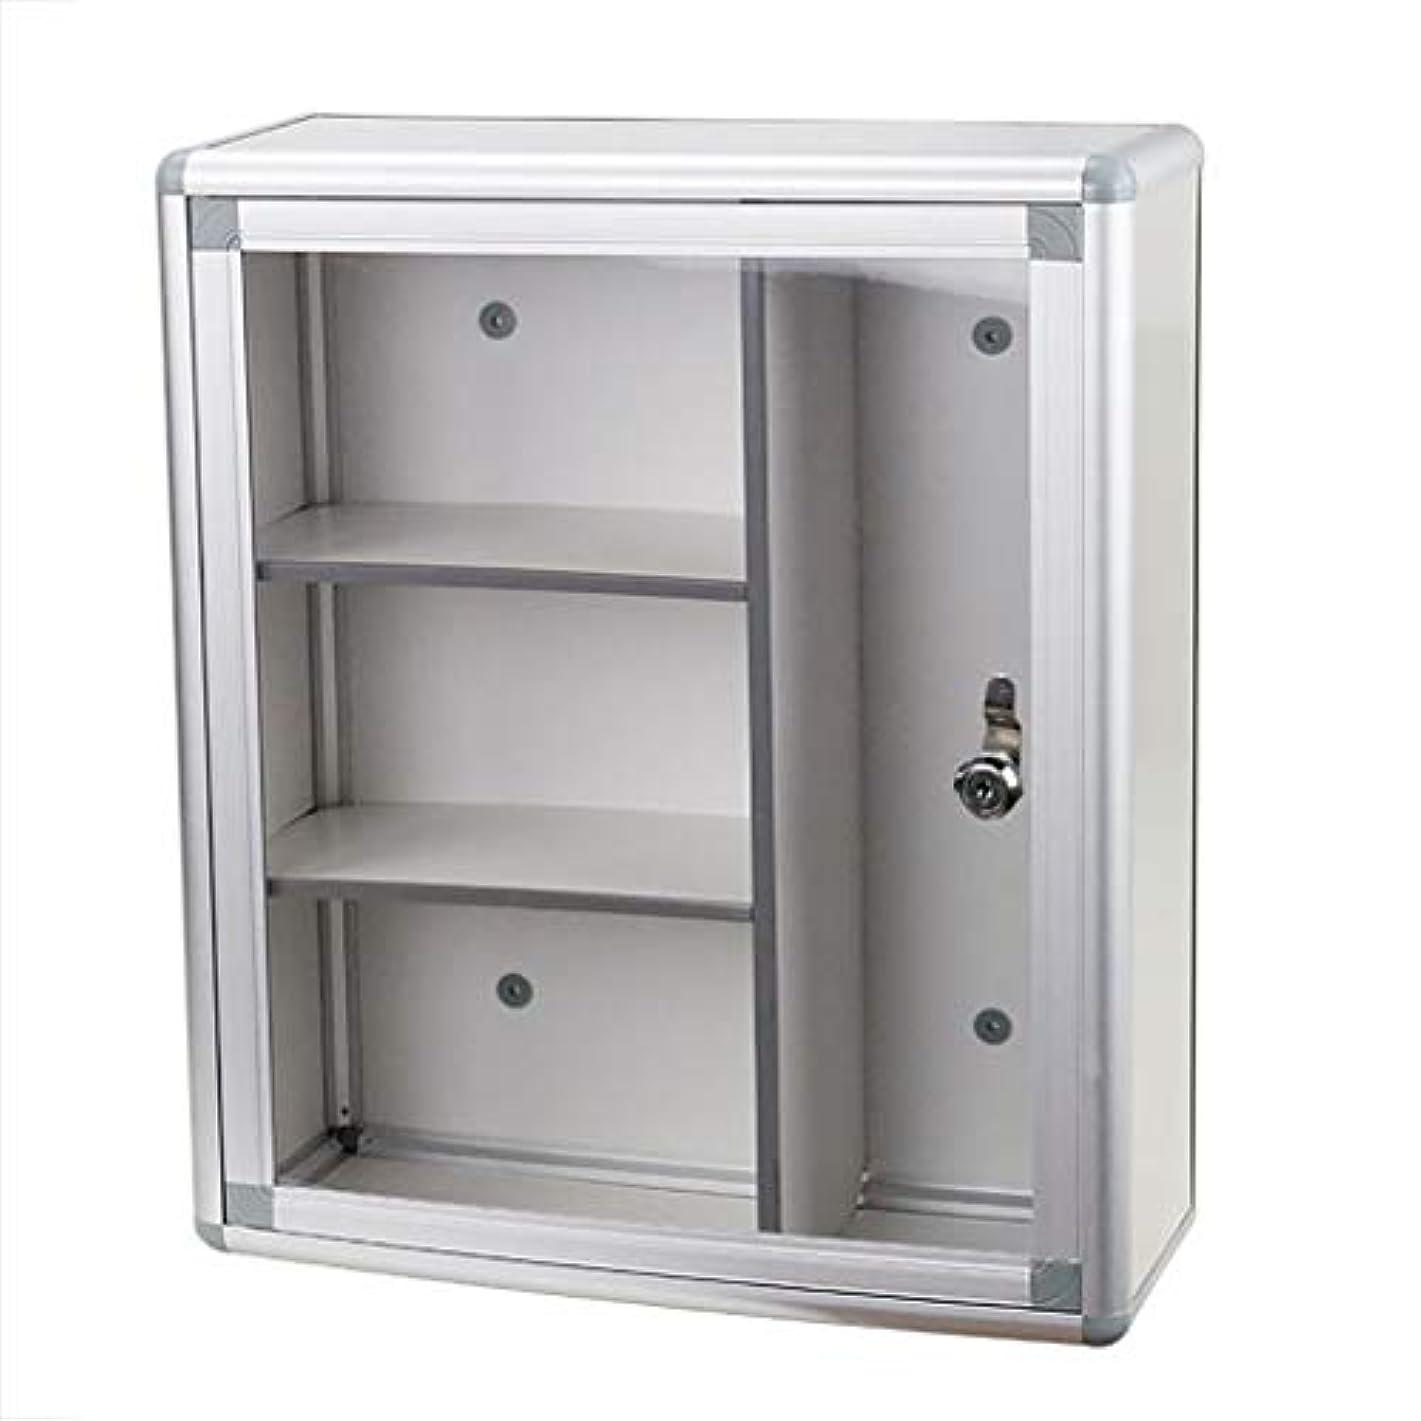 見ました既婚優れたチャイルドセーフティロック付きの壁に取り付けられたポータブルタイプの薬箱メタル収納容器救急キット用家庭薬キャビネット-3スタイル